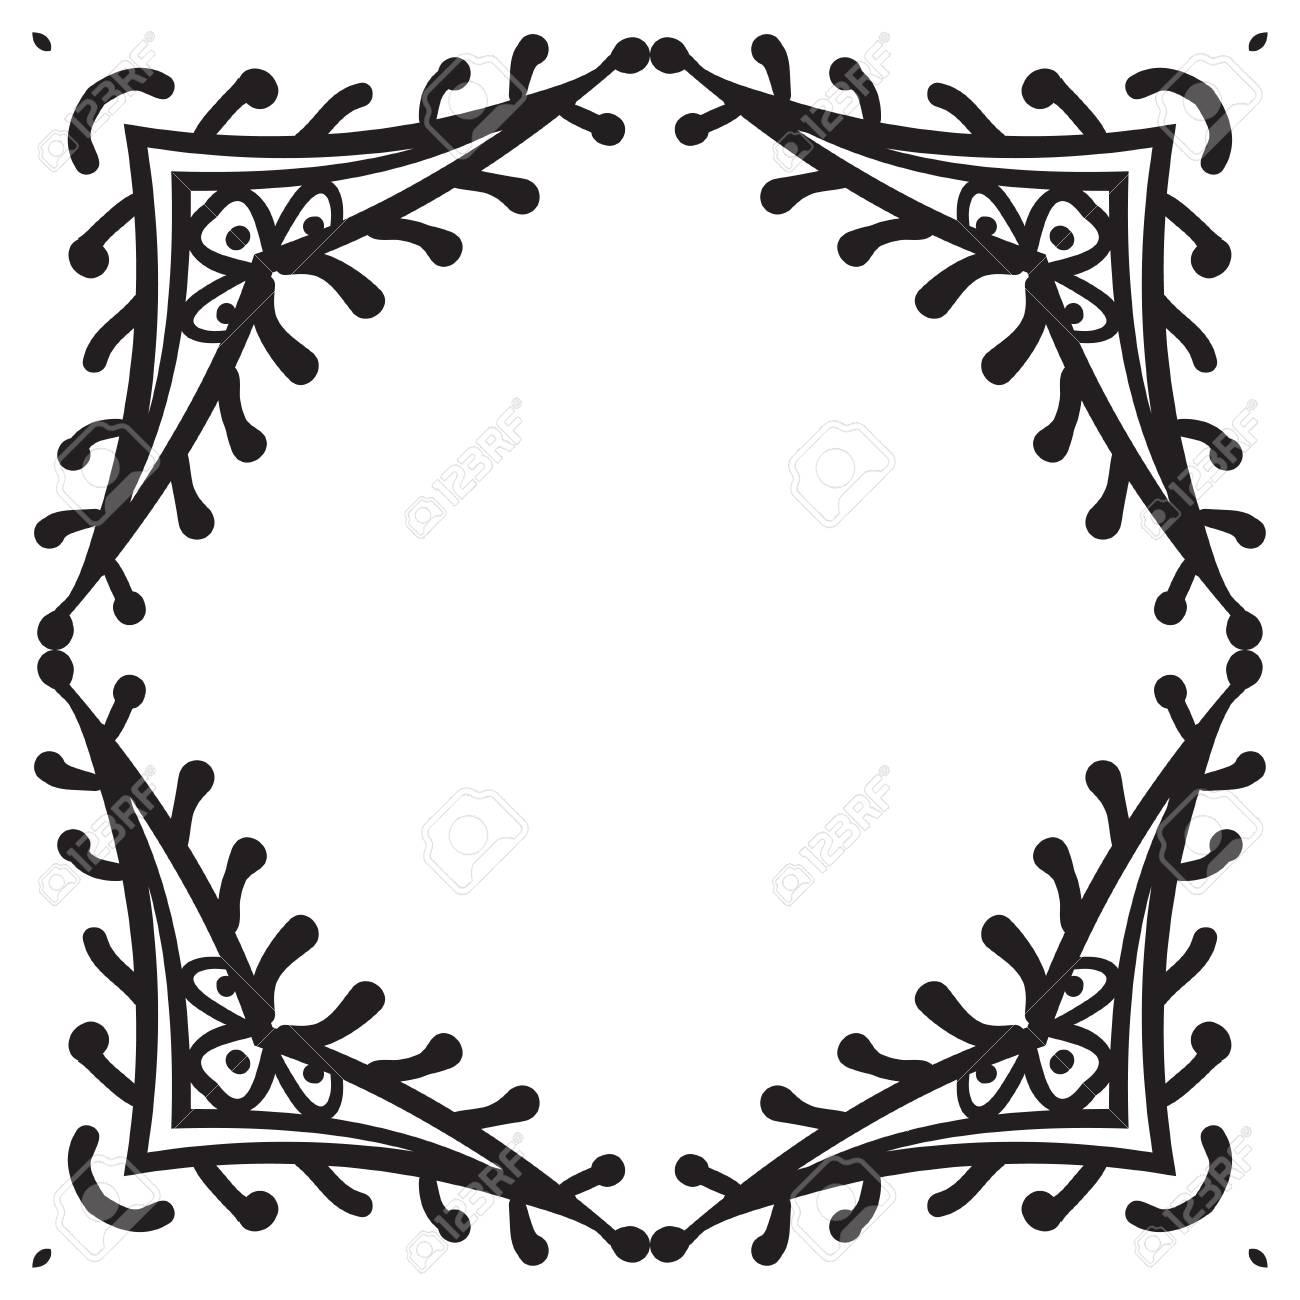 Handzeichnung Zentangle Dekorativen Rahmen. Schwarz Und Weiß. Blumen ...